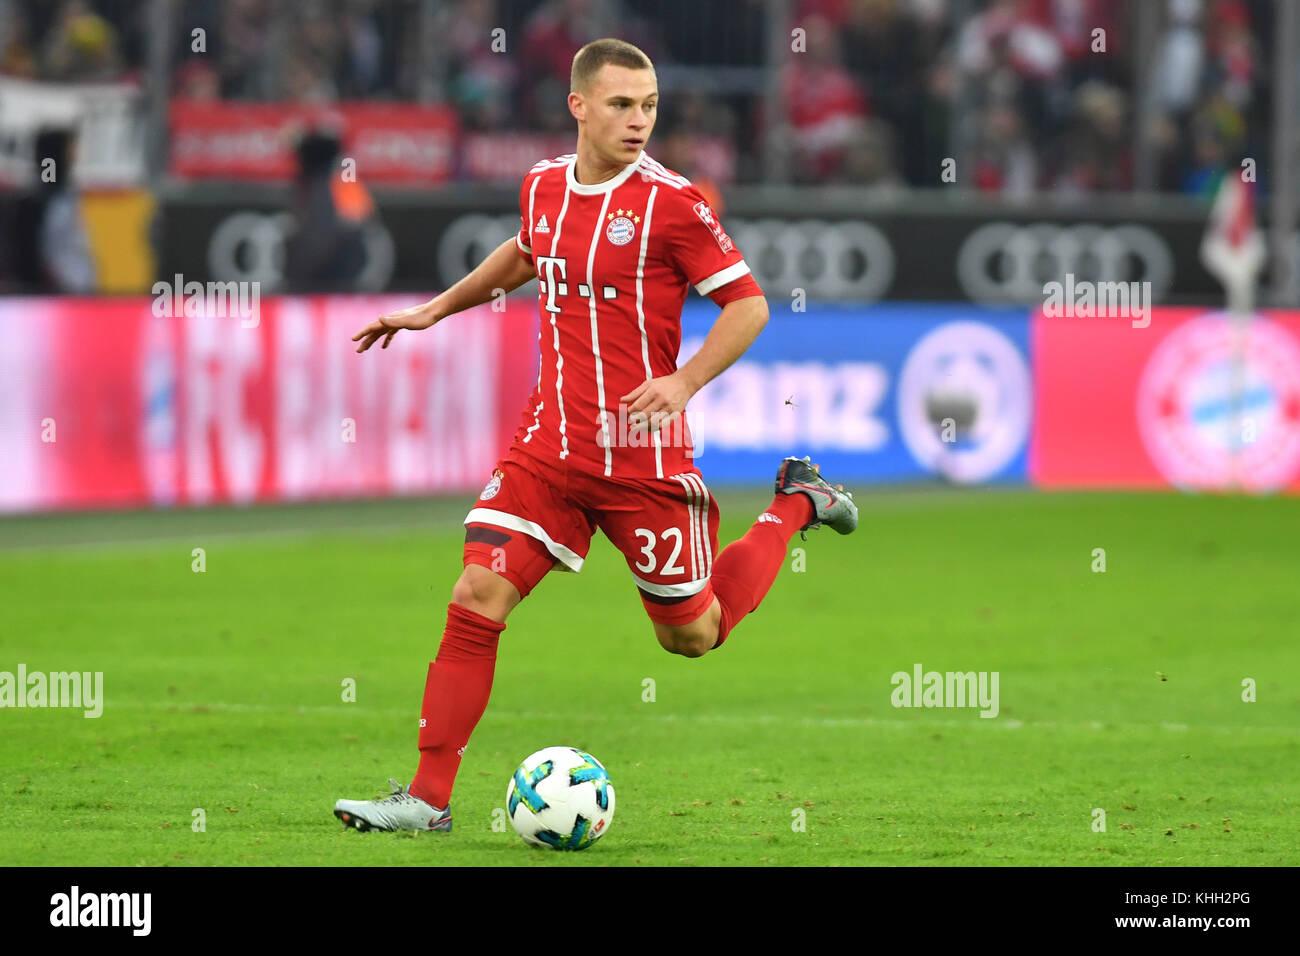 Joshua KIMMICH (FC Bayern Munich), Aktion, Einzelaktion, Einzelbild, Freisteller, Ganzkoerperaufnahme, ganze Figur. - Stock Image